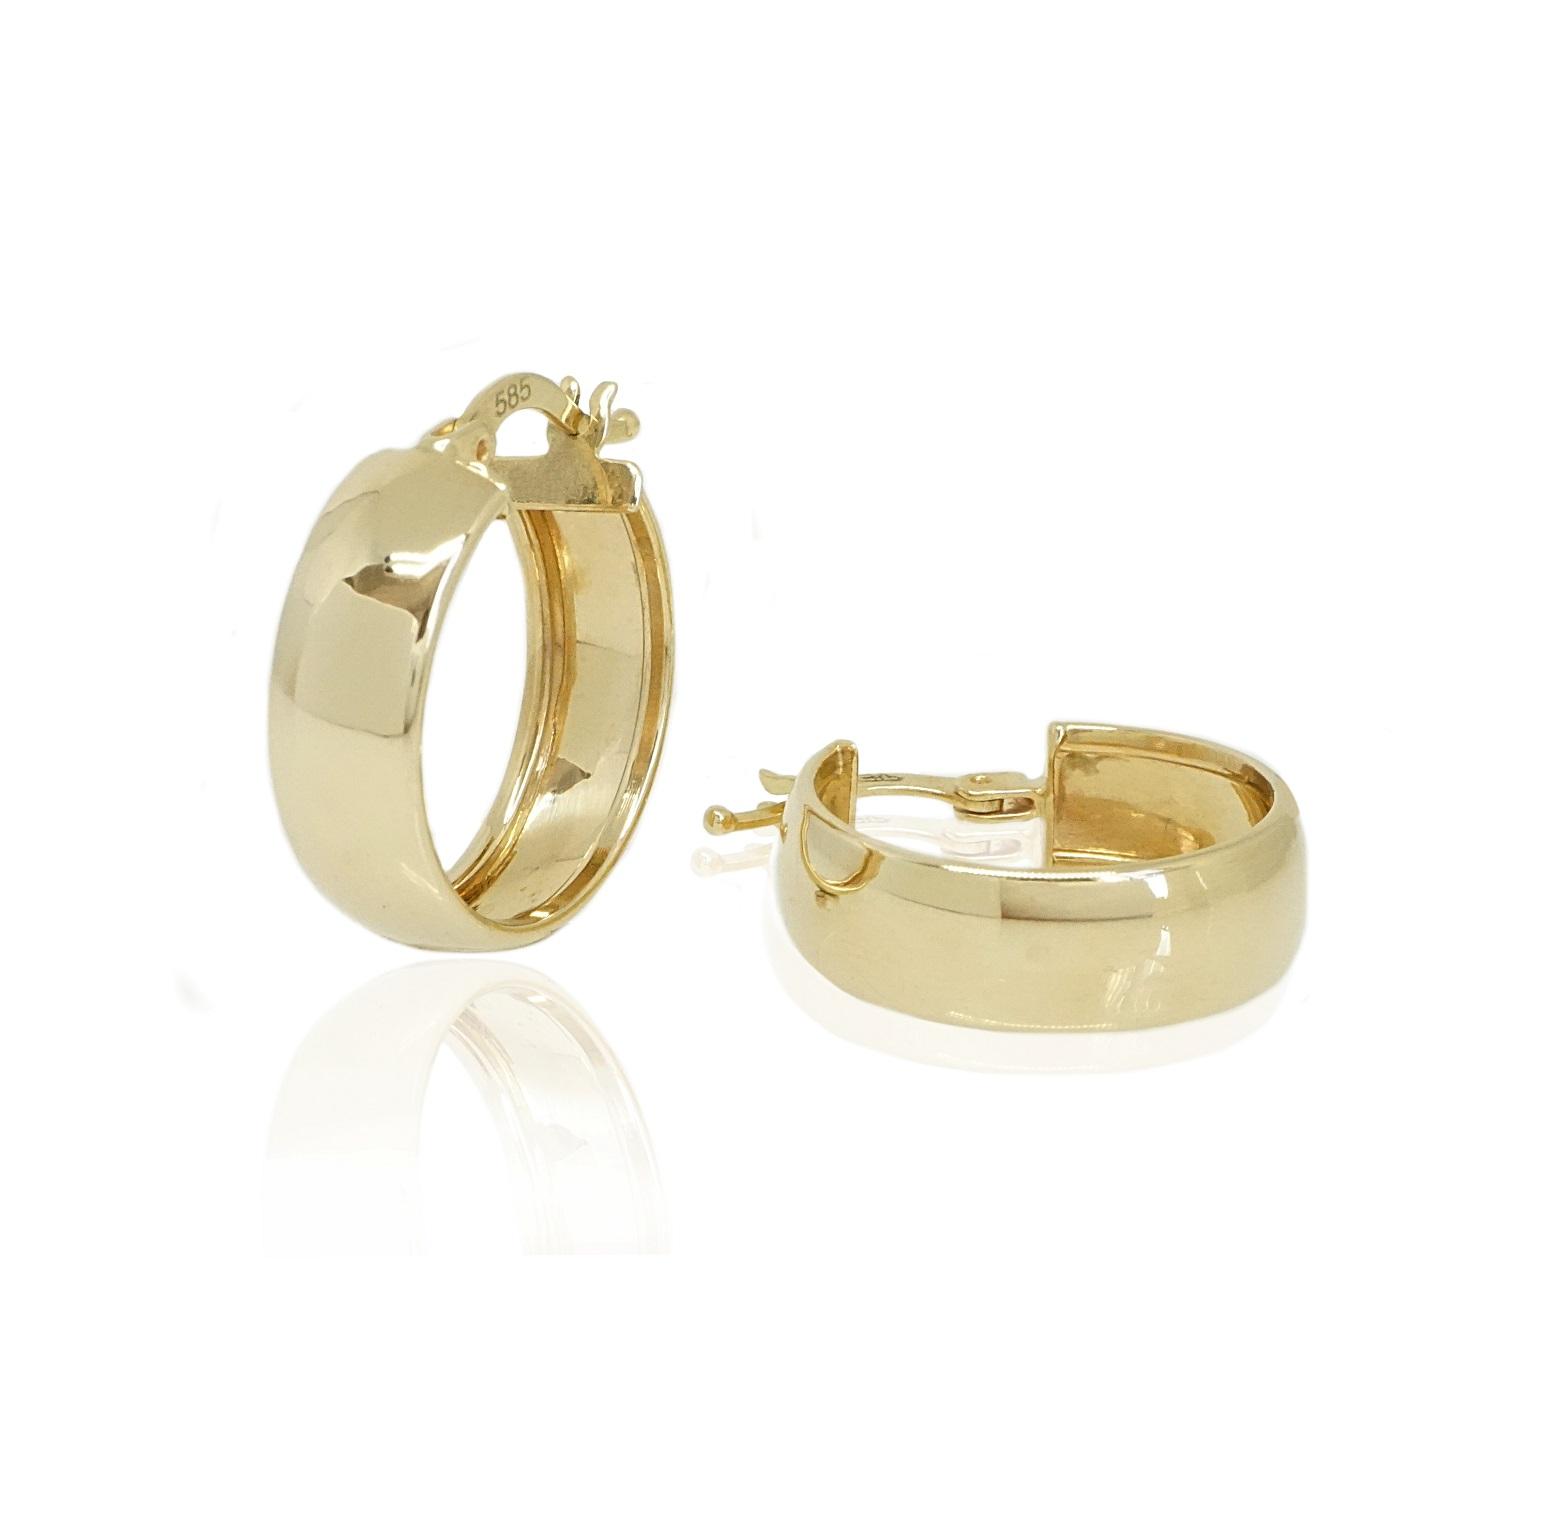 עגילי זהב בינוניים רחבים 1.9 סמ